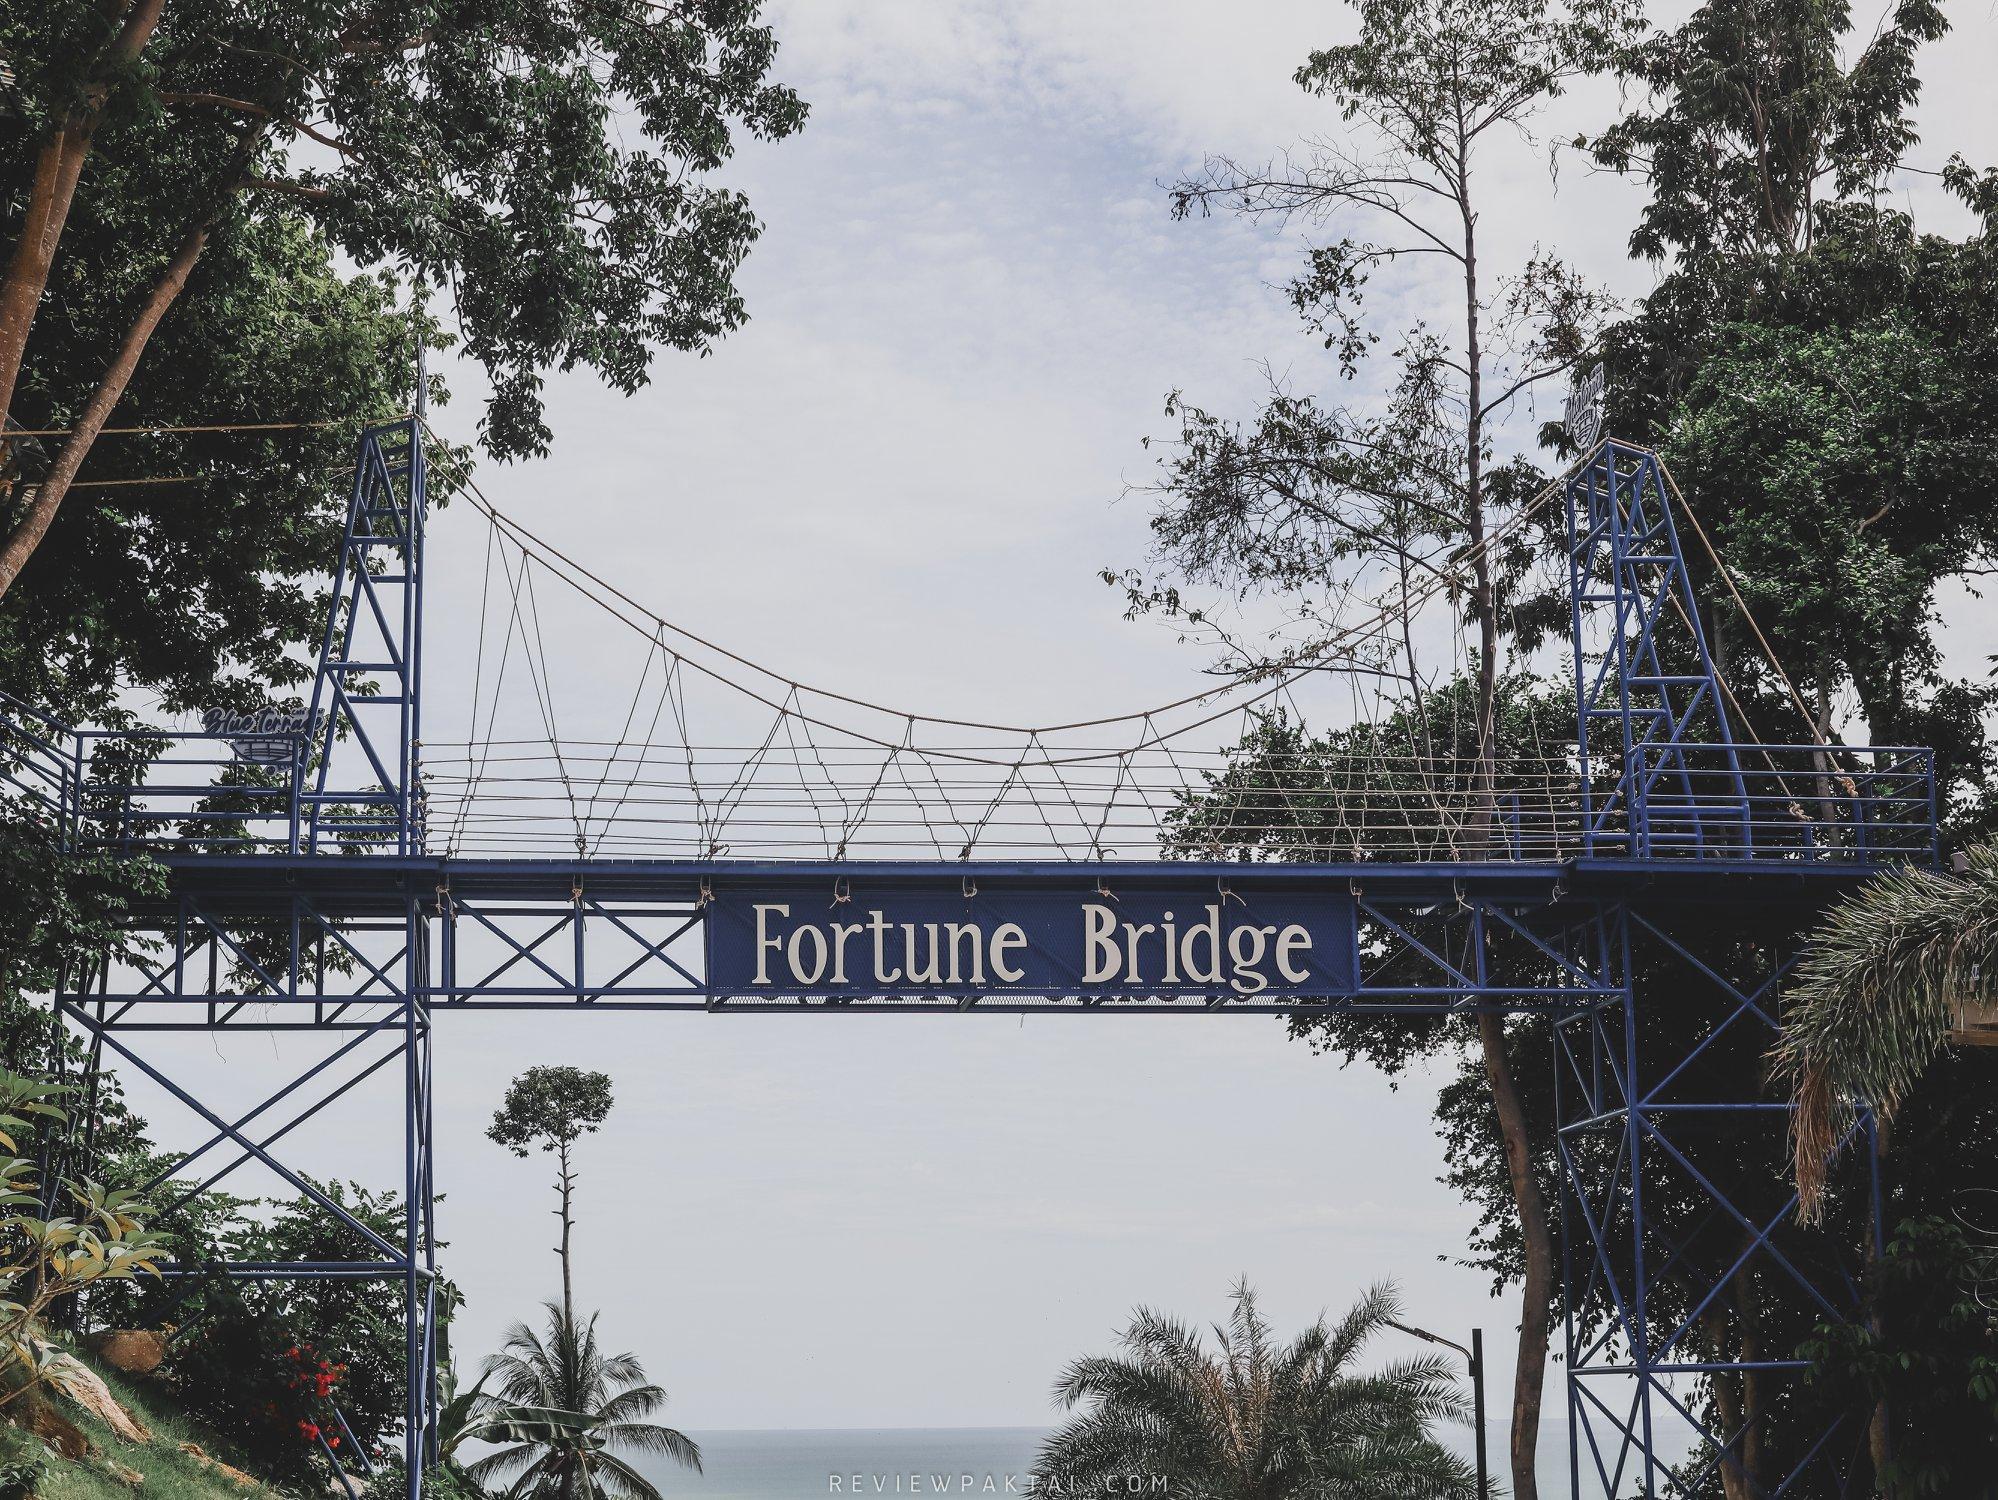 สะพานวิวหลักล้านน-ต้องได้-1-รูปนะครับ-ฮ่าา ขนอม,คาเฟ่,Blueterrace,อร่อย,วิวหลักล้าน,กลางป่า,นครศรีธรรมราช